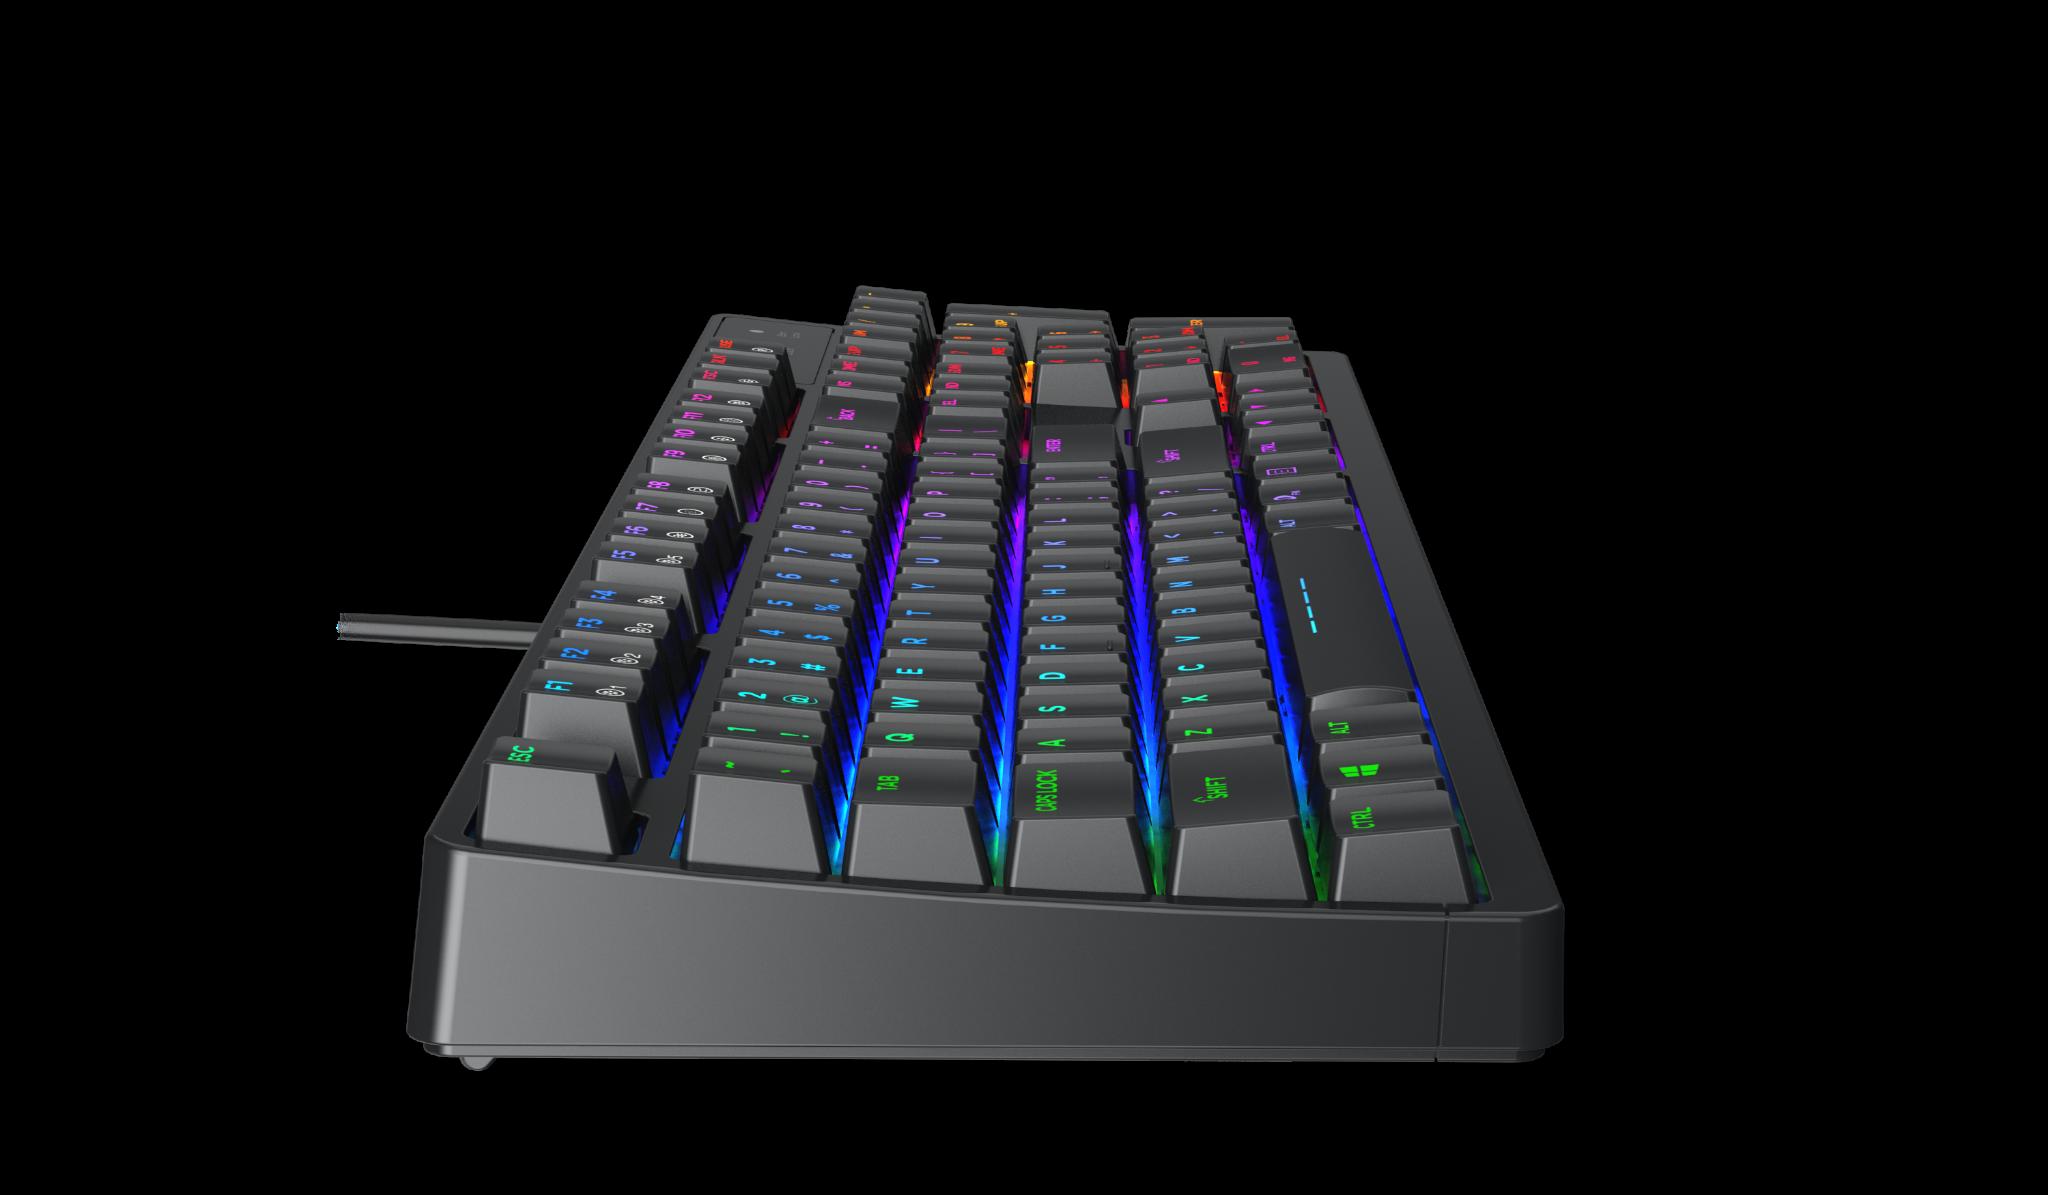 Bàn phím Gaming DareU DK1280 RGB